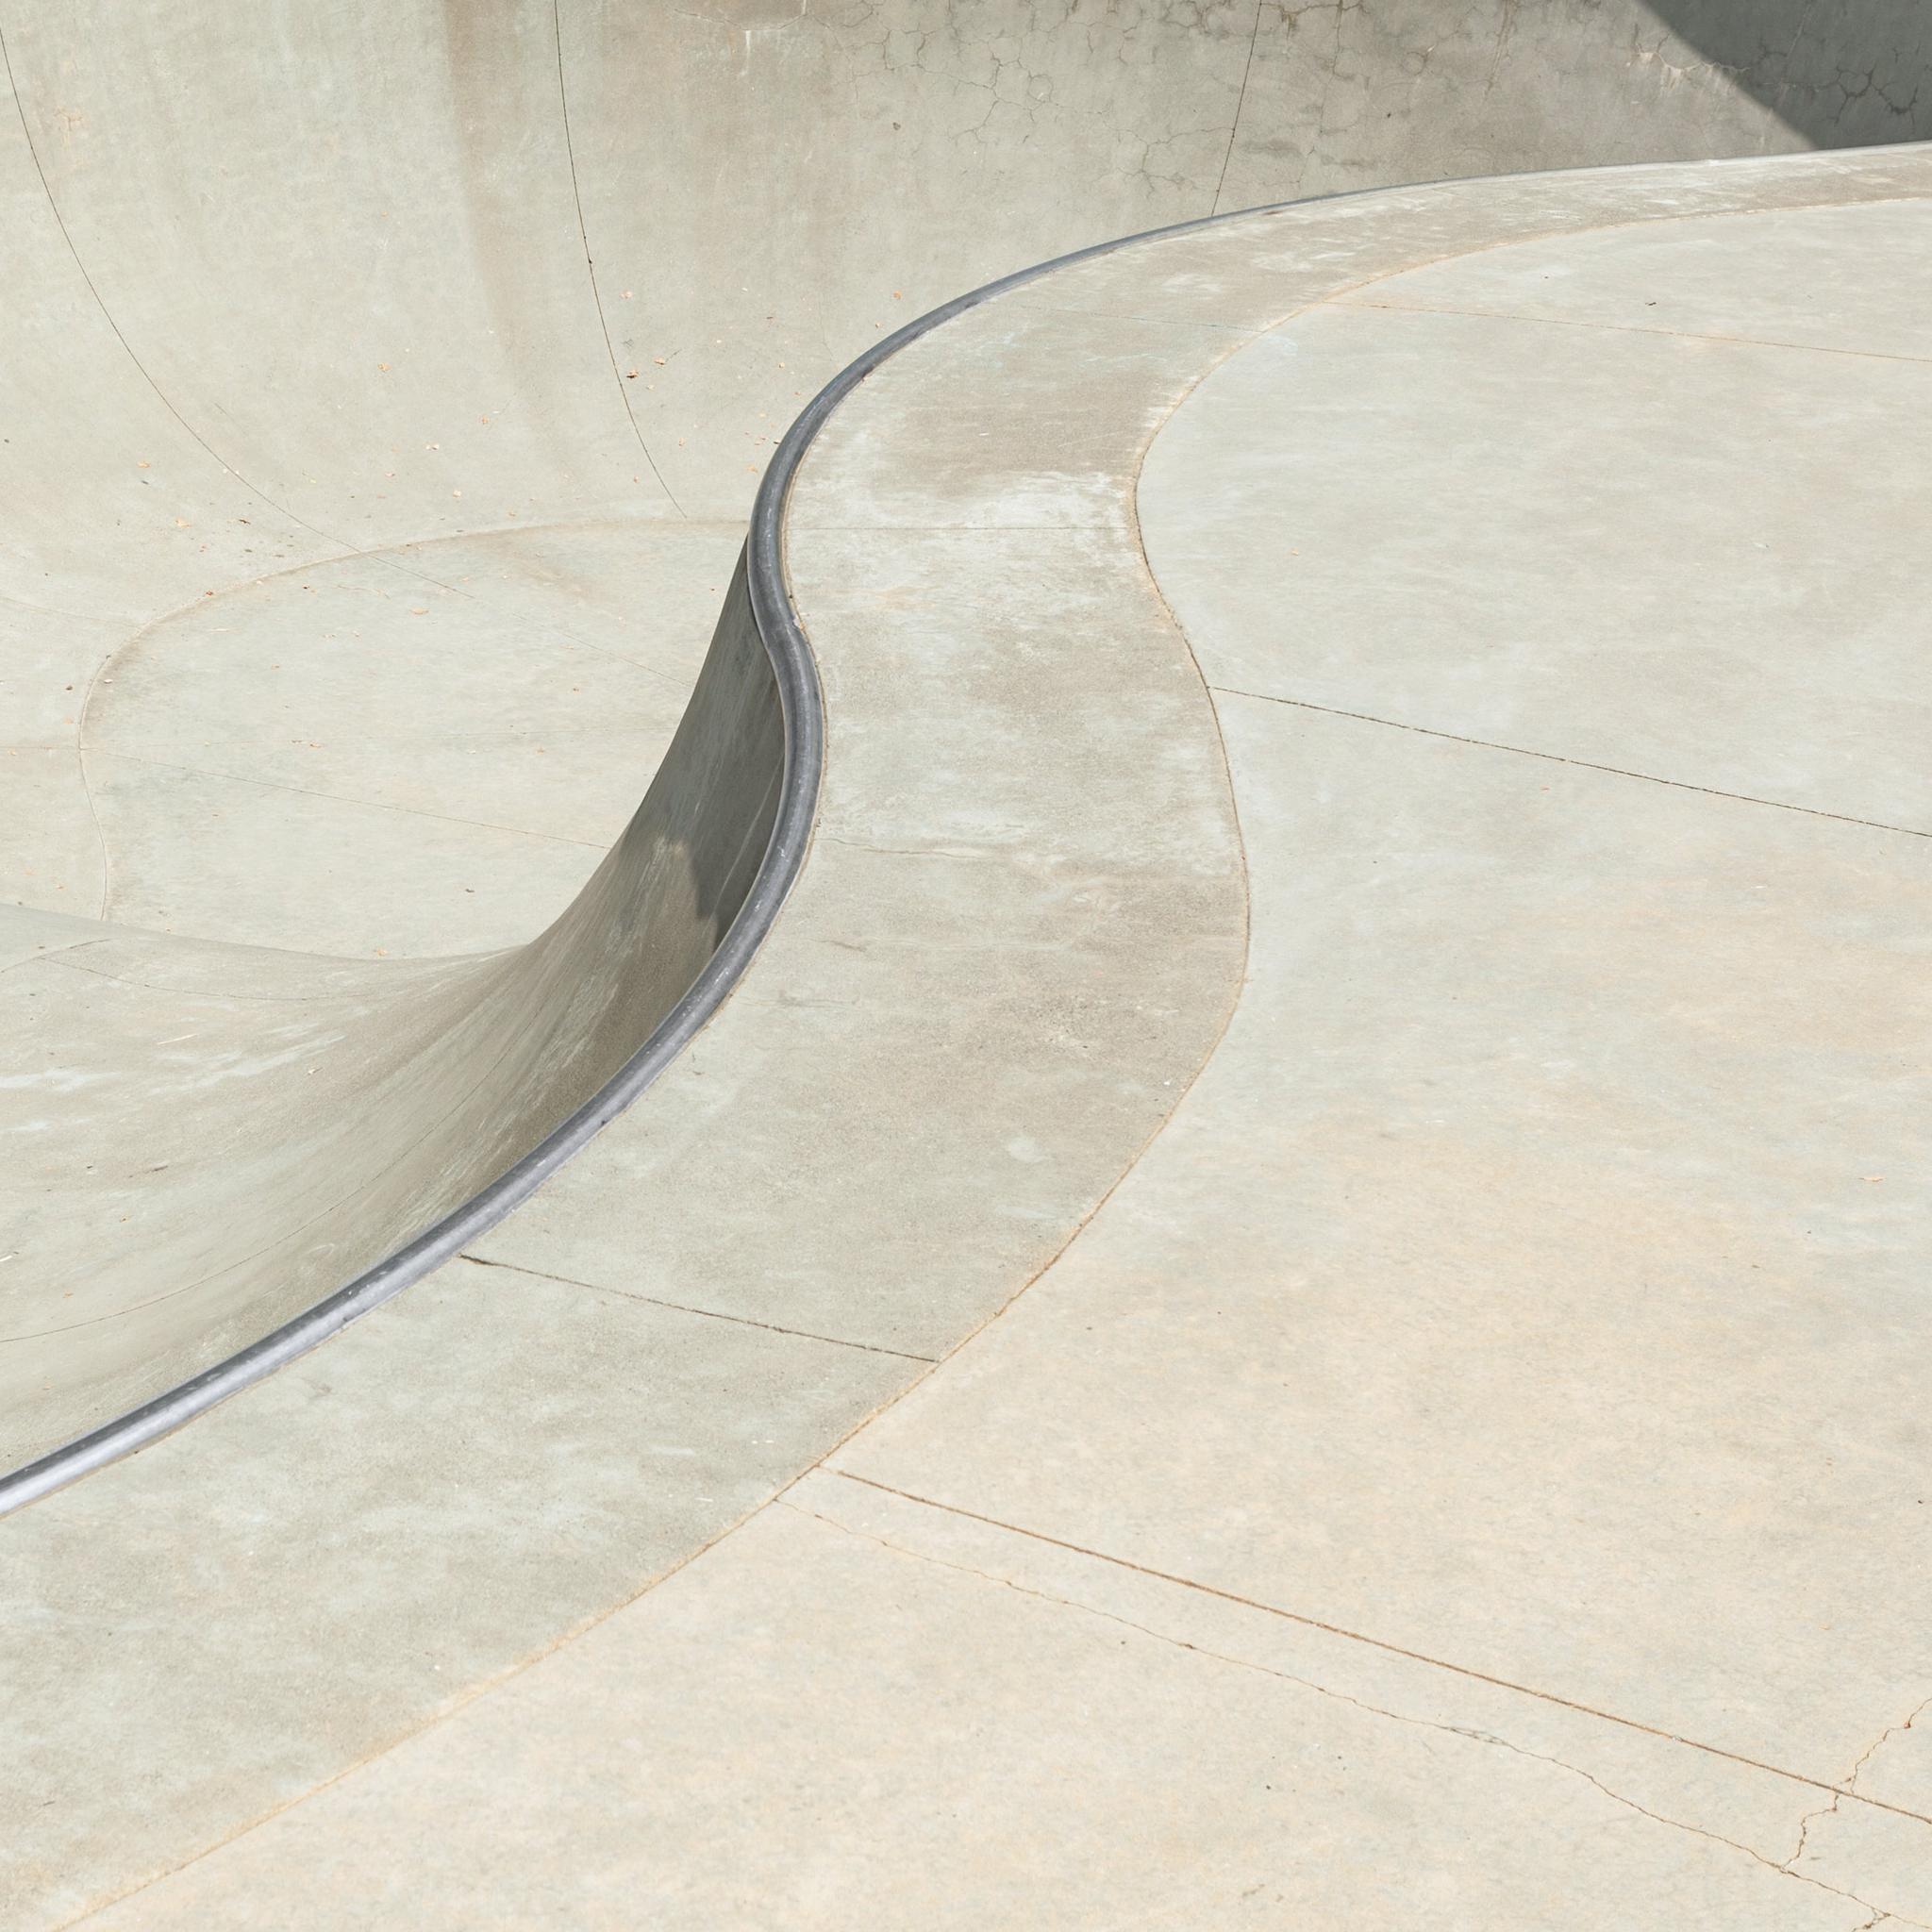 Skate Park for iPad